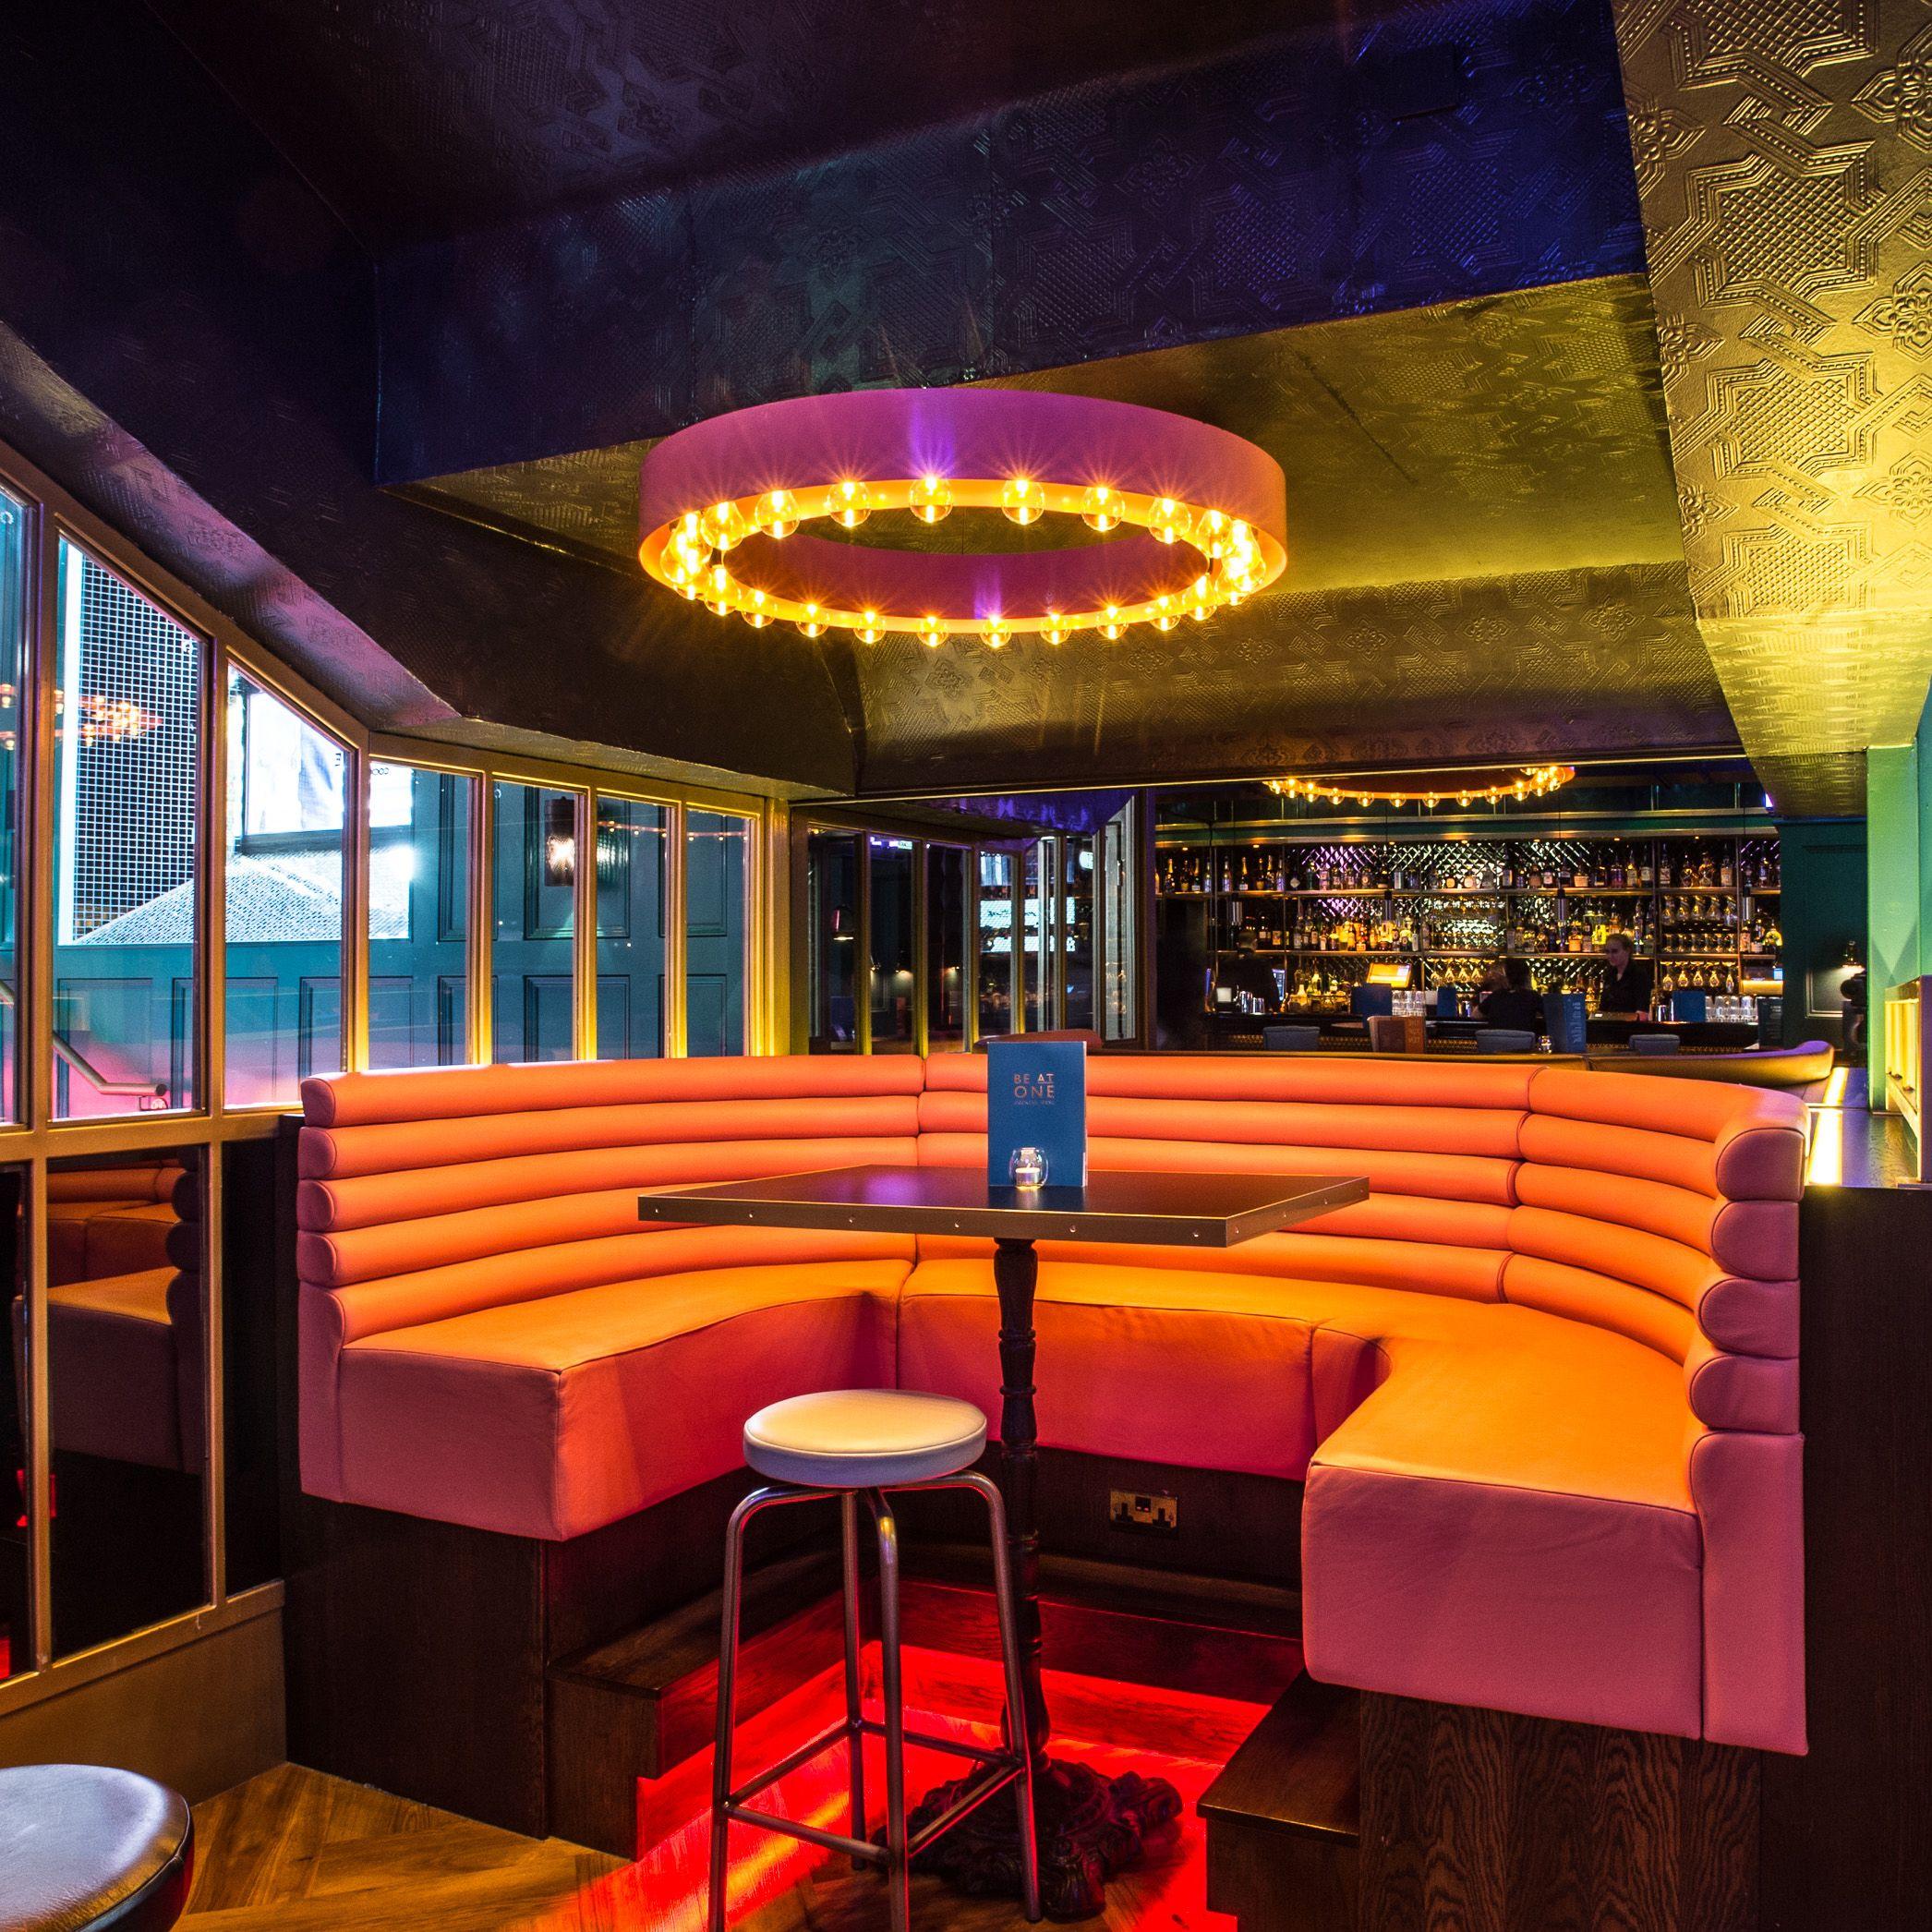 Be at one nottingham bar restaurant lighting